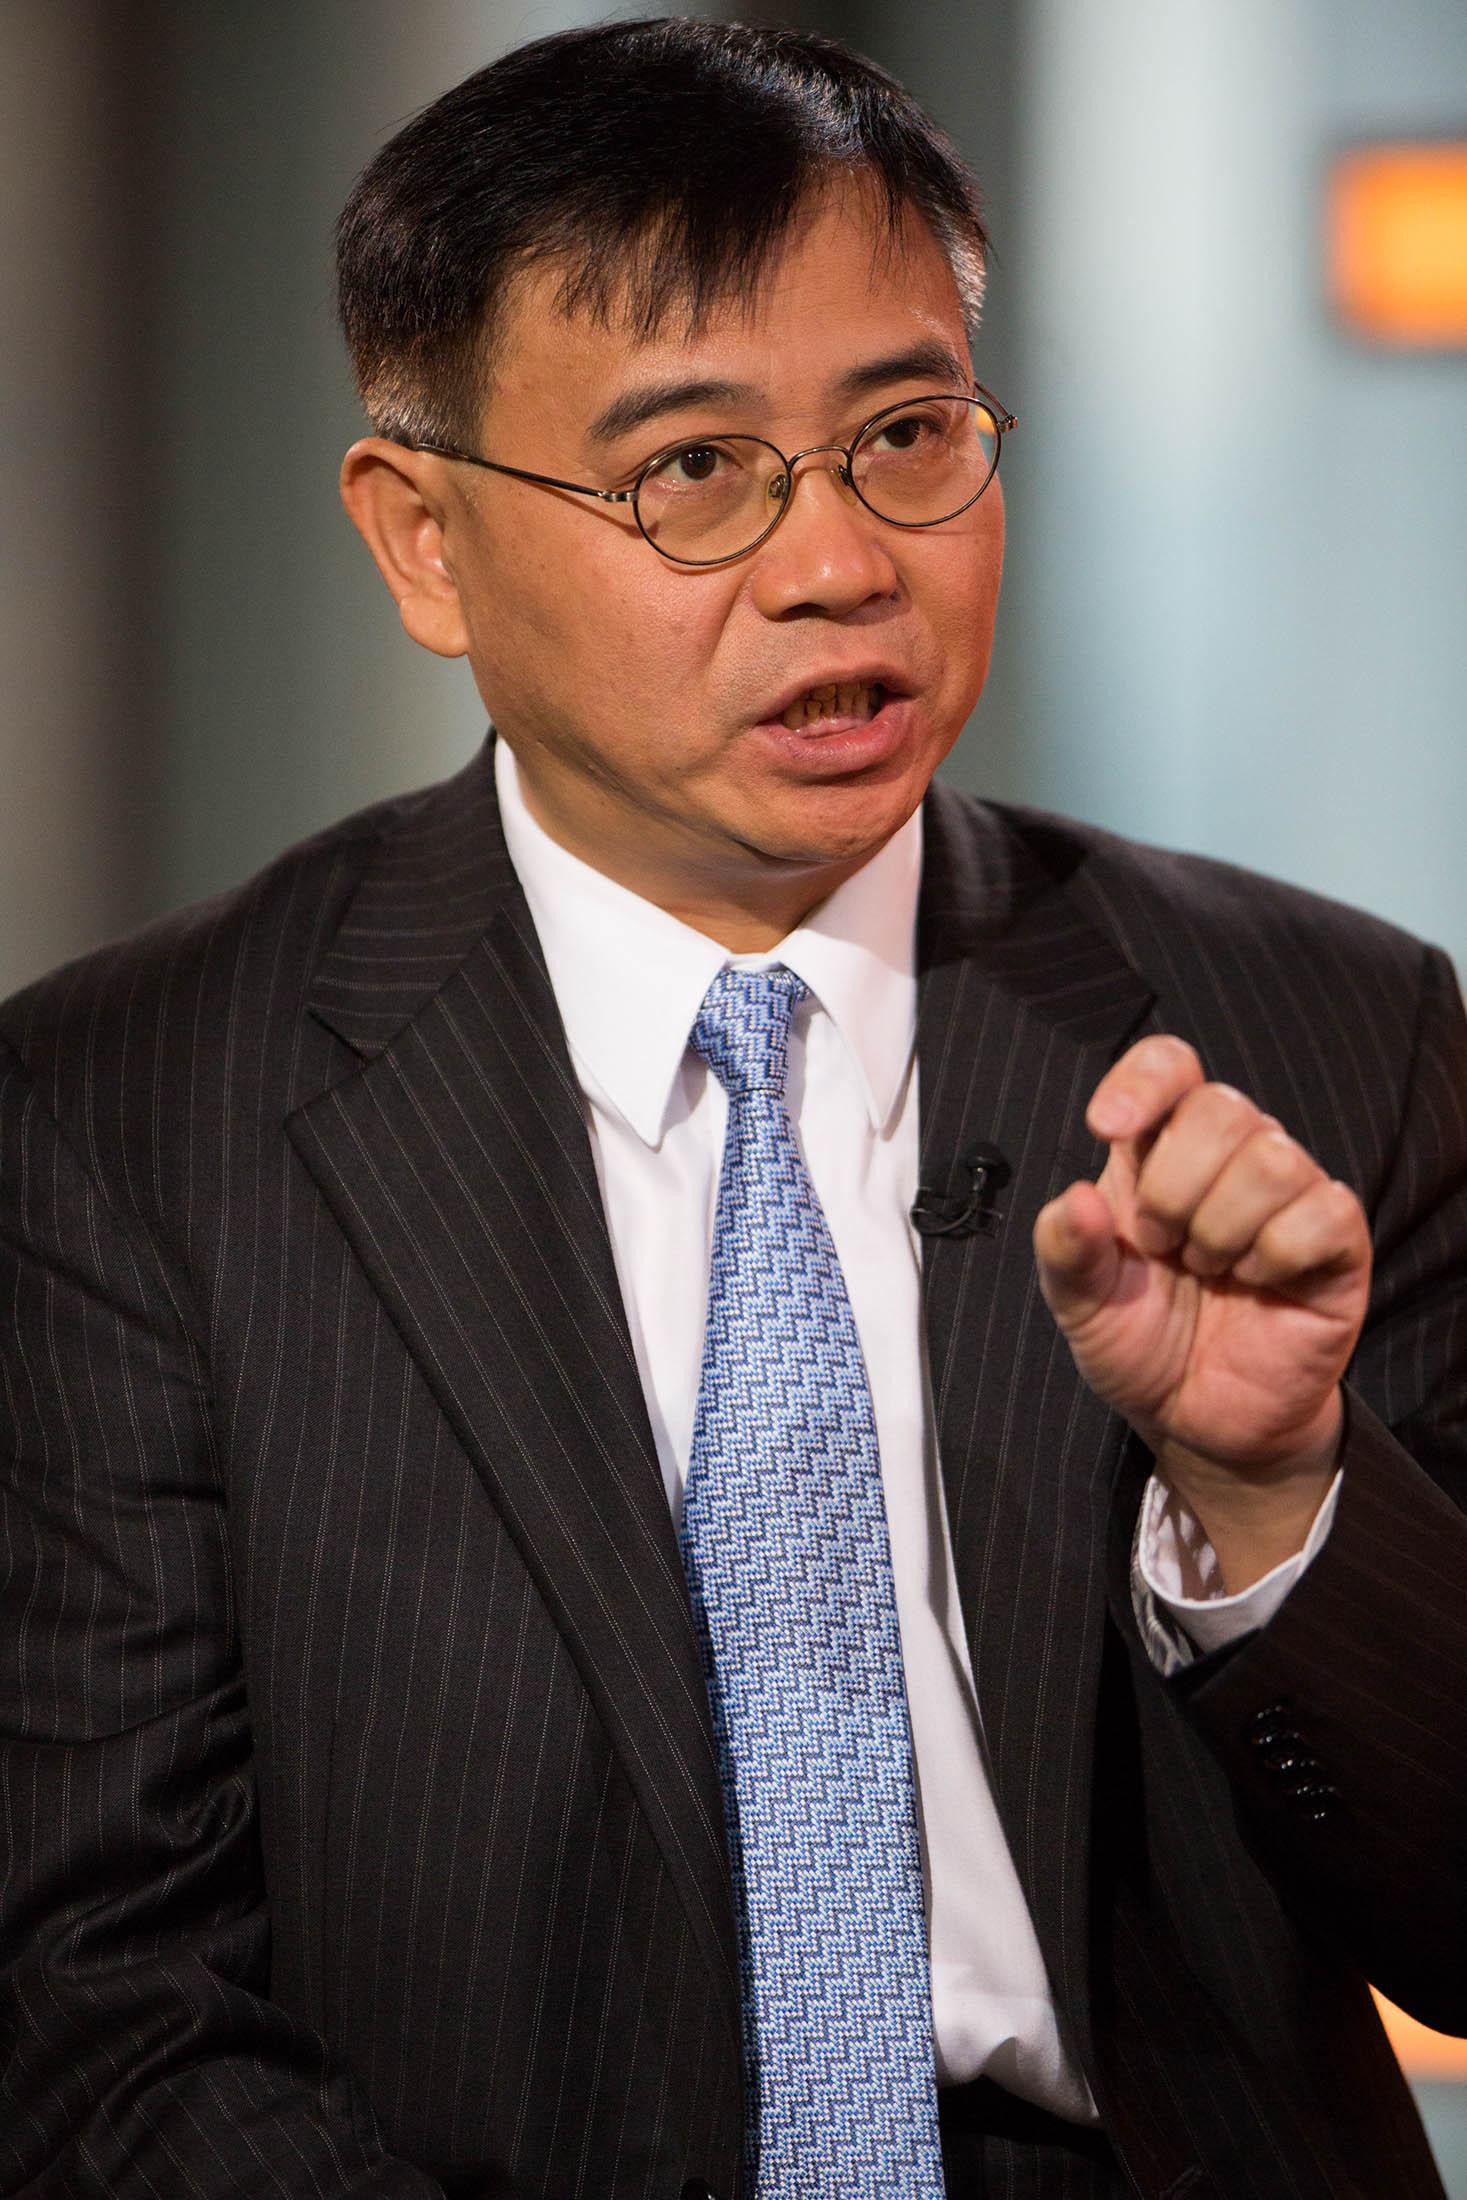 高盛專家:習近平時代經濟比毛澤東時代更扭曲(Is Xi's Economy More Distorted Than Mao's? Goldman's Ha Says Yes)